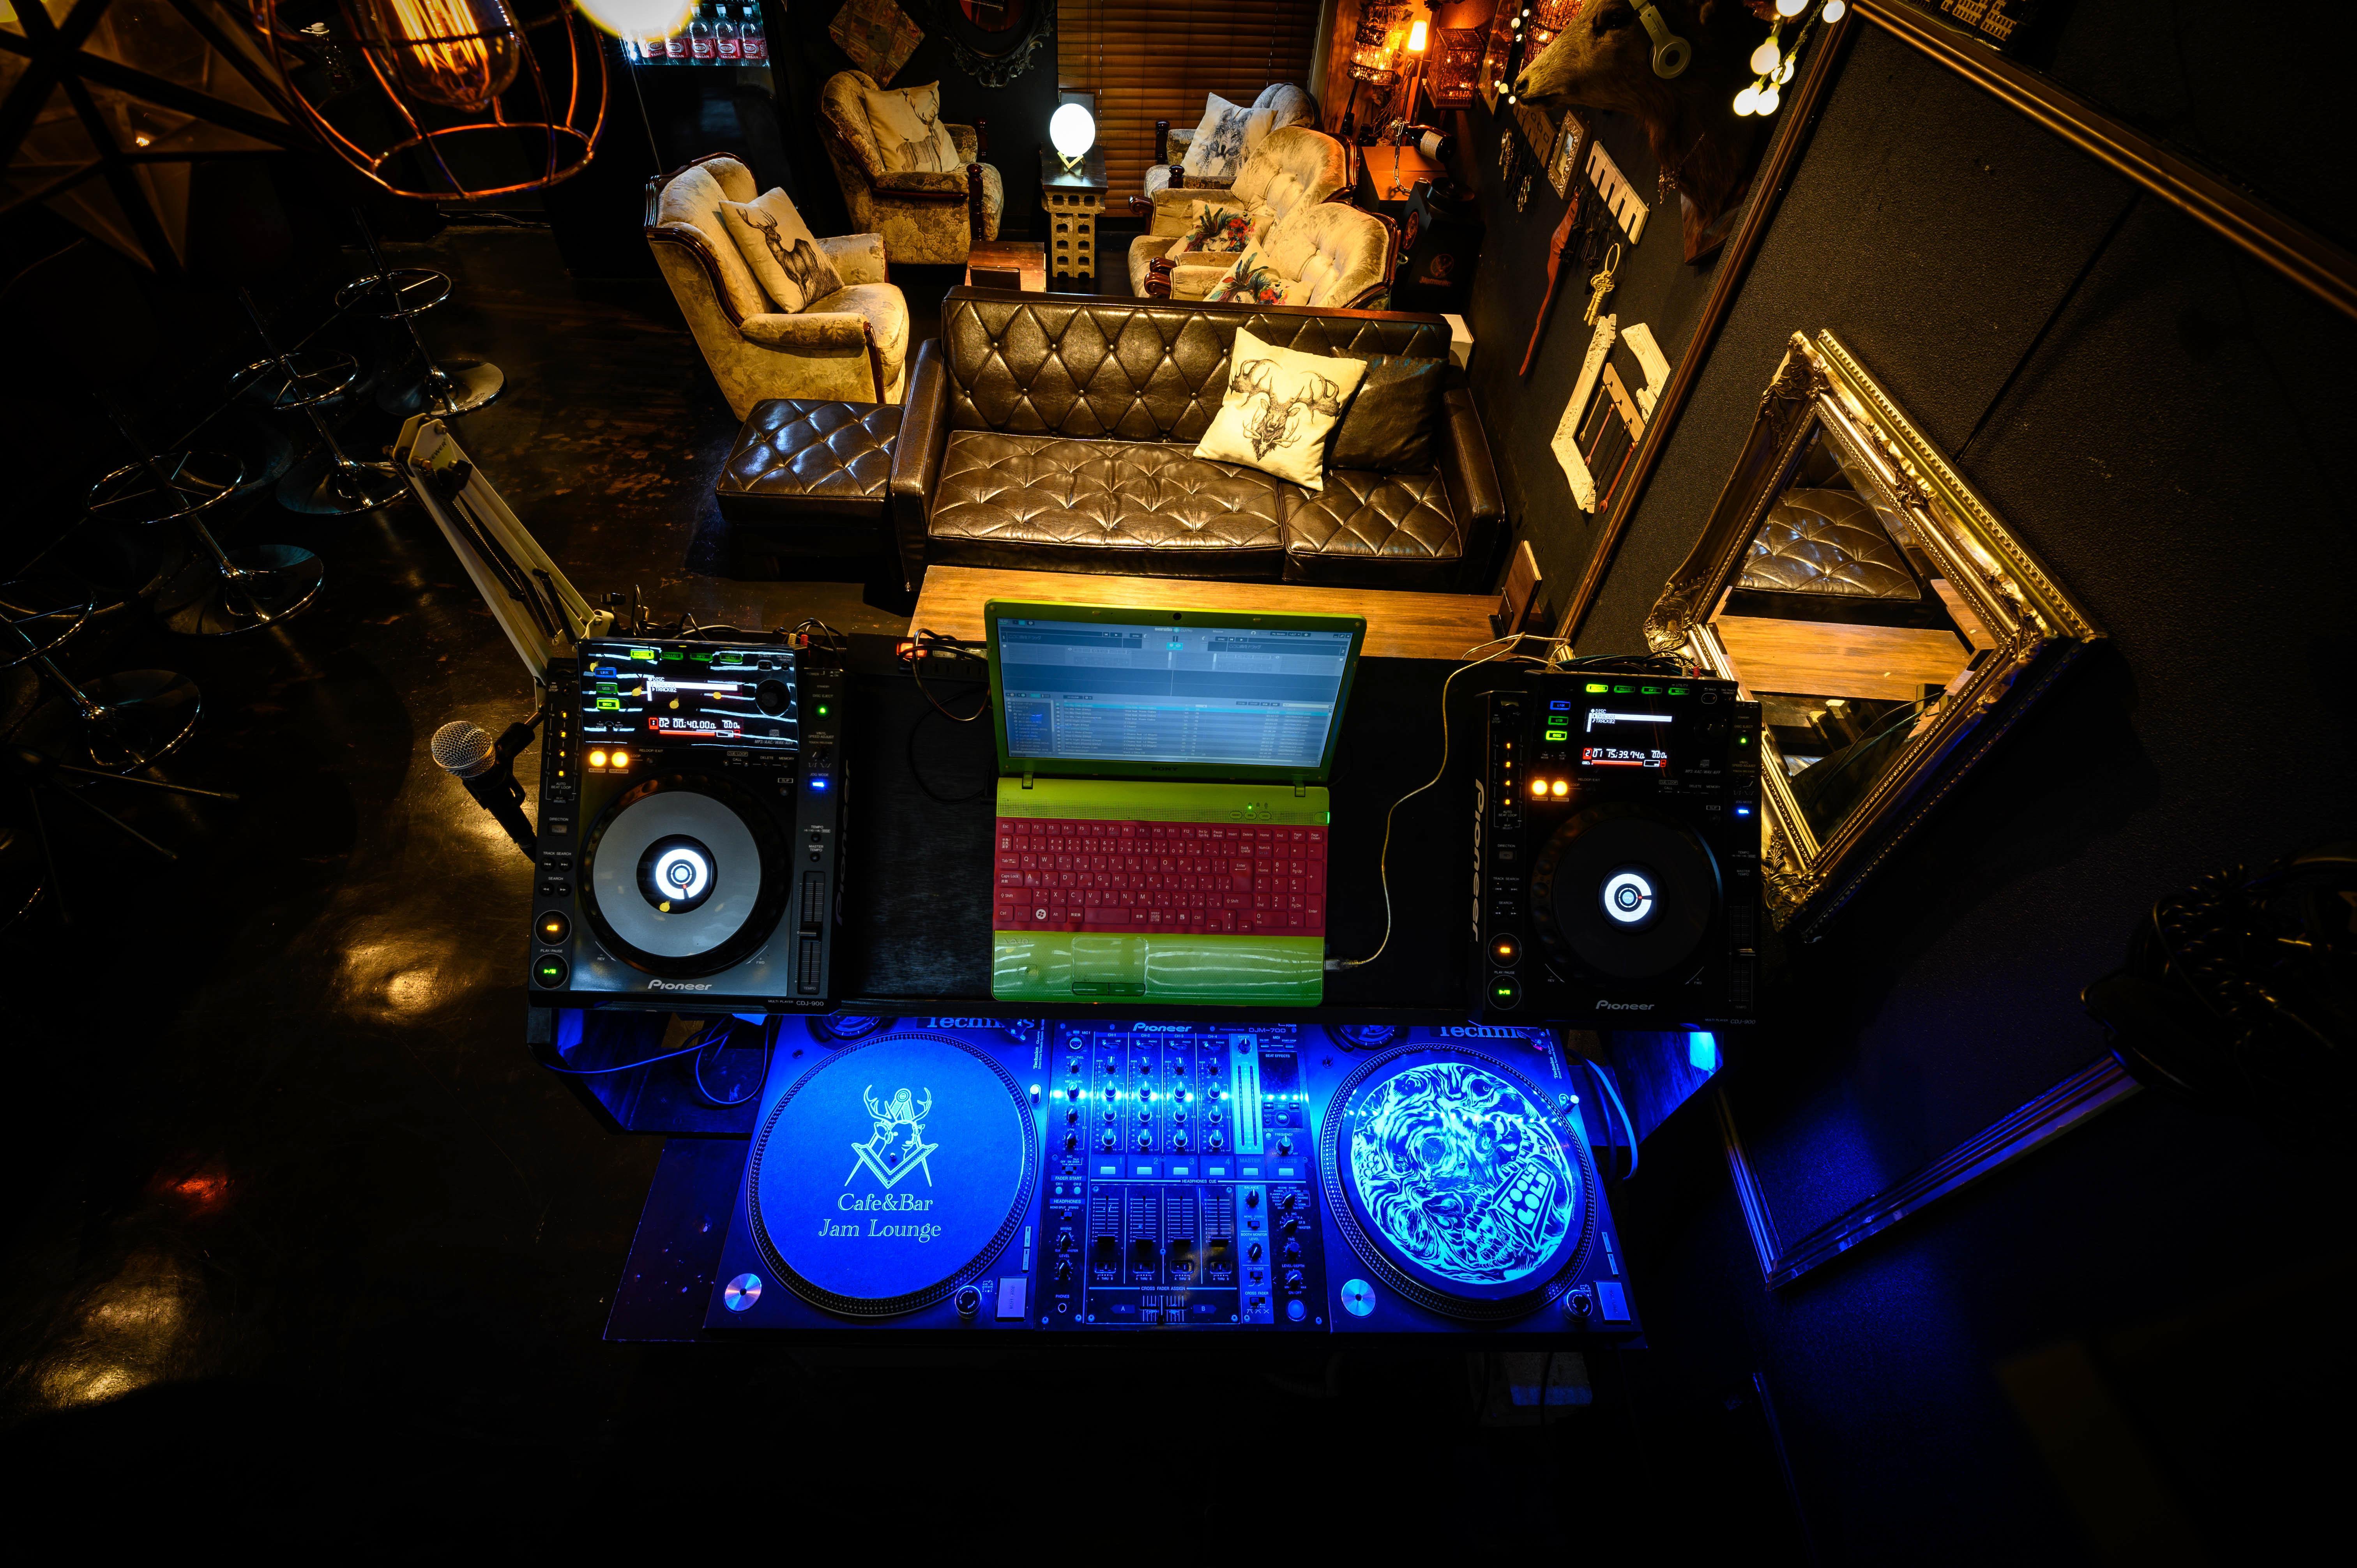 高田馬場/目白/大塚/大久保_Jam Lounge_写真3